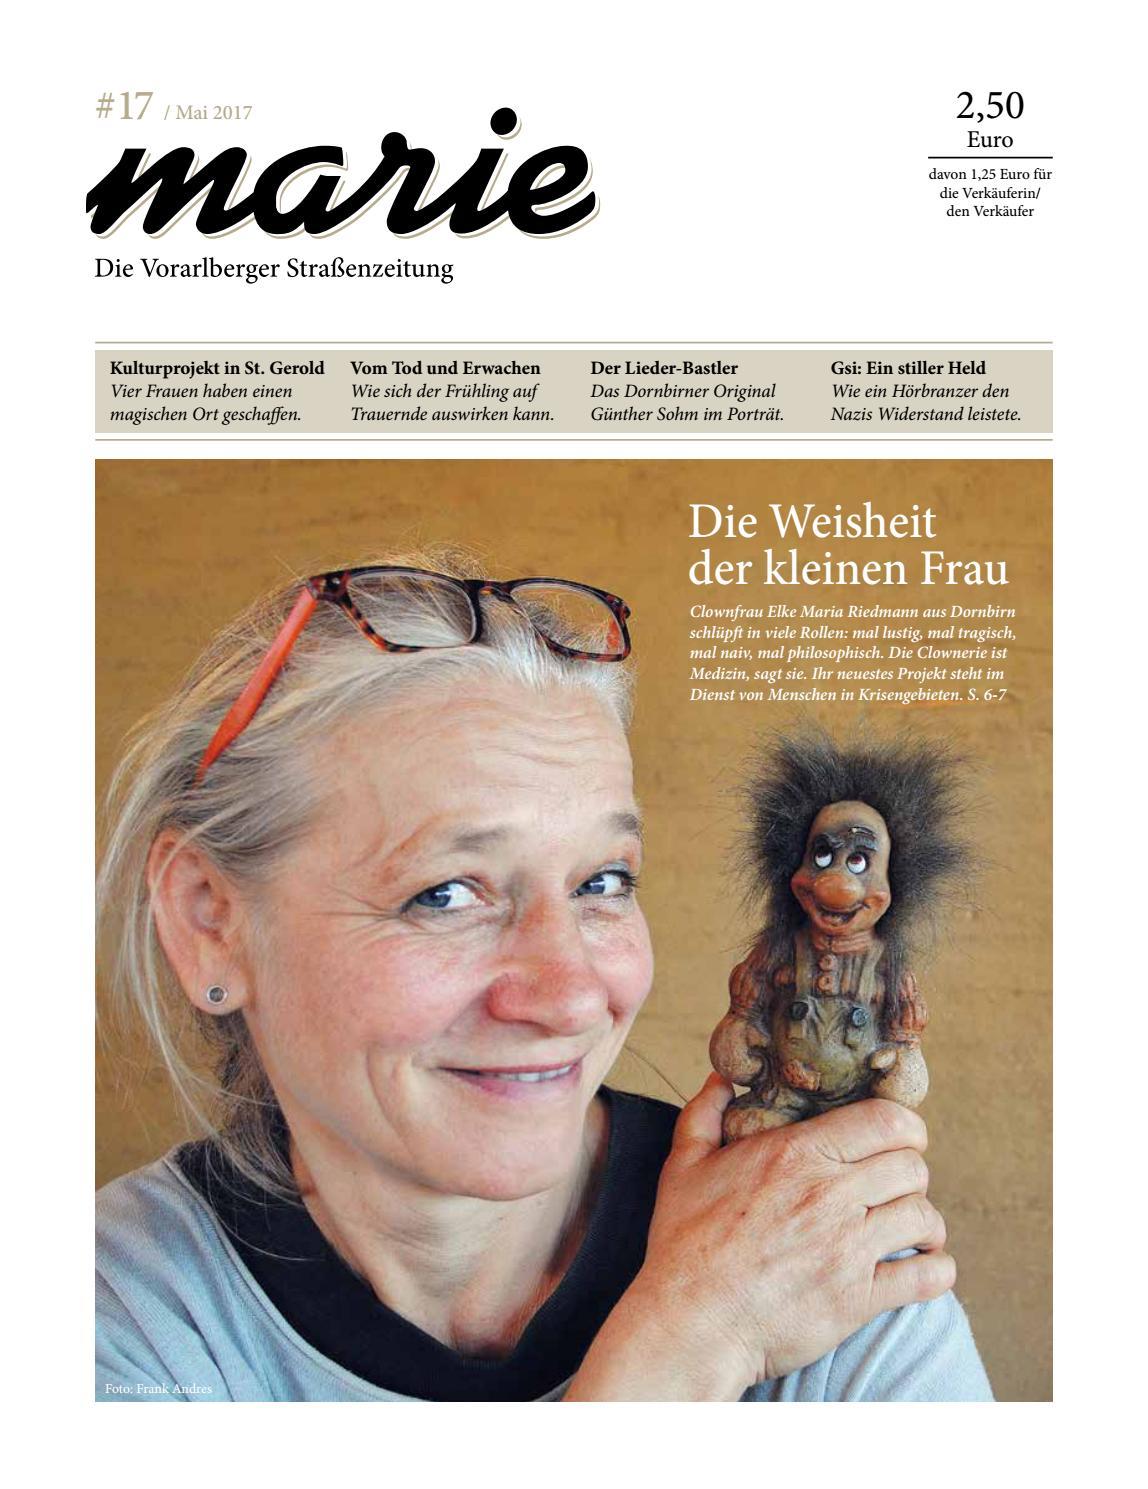 Singles Bregenz, Kontaktanzeigen aus Bregenz bei Vorarlberg